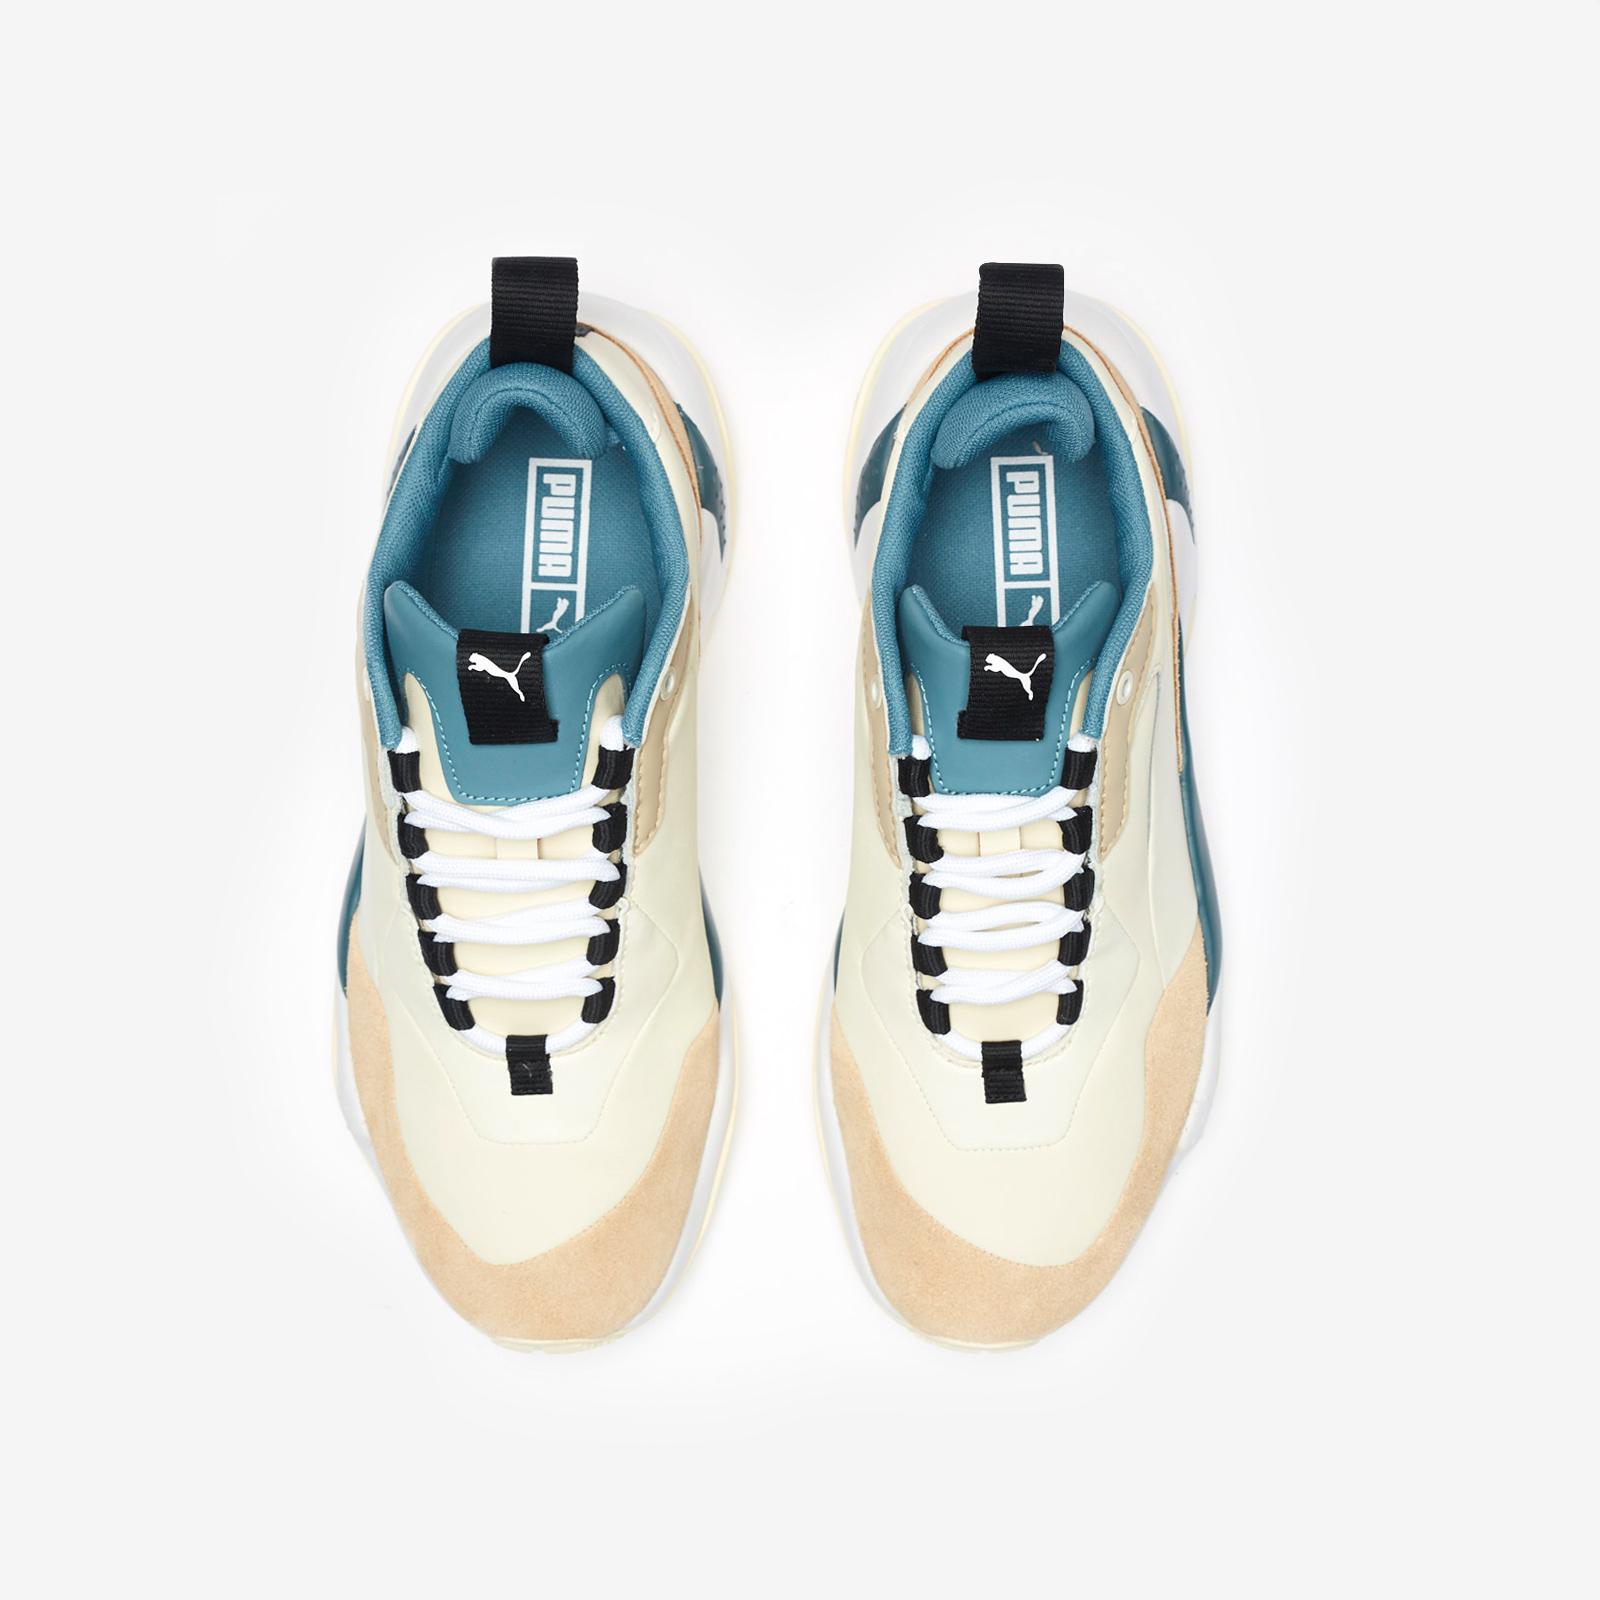 style mody szukać zaoszczędź do 80% Puma Thunder Nature - 370703-02 - Sneakersnstuff | sneakers ...